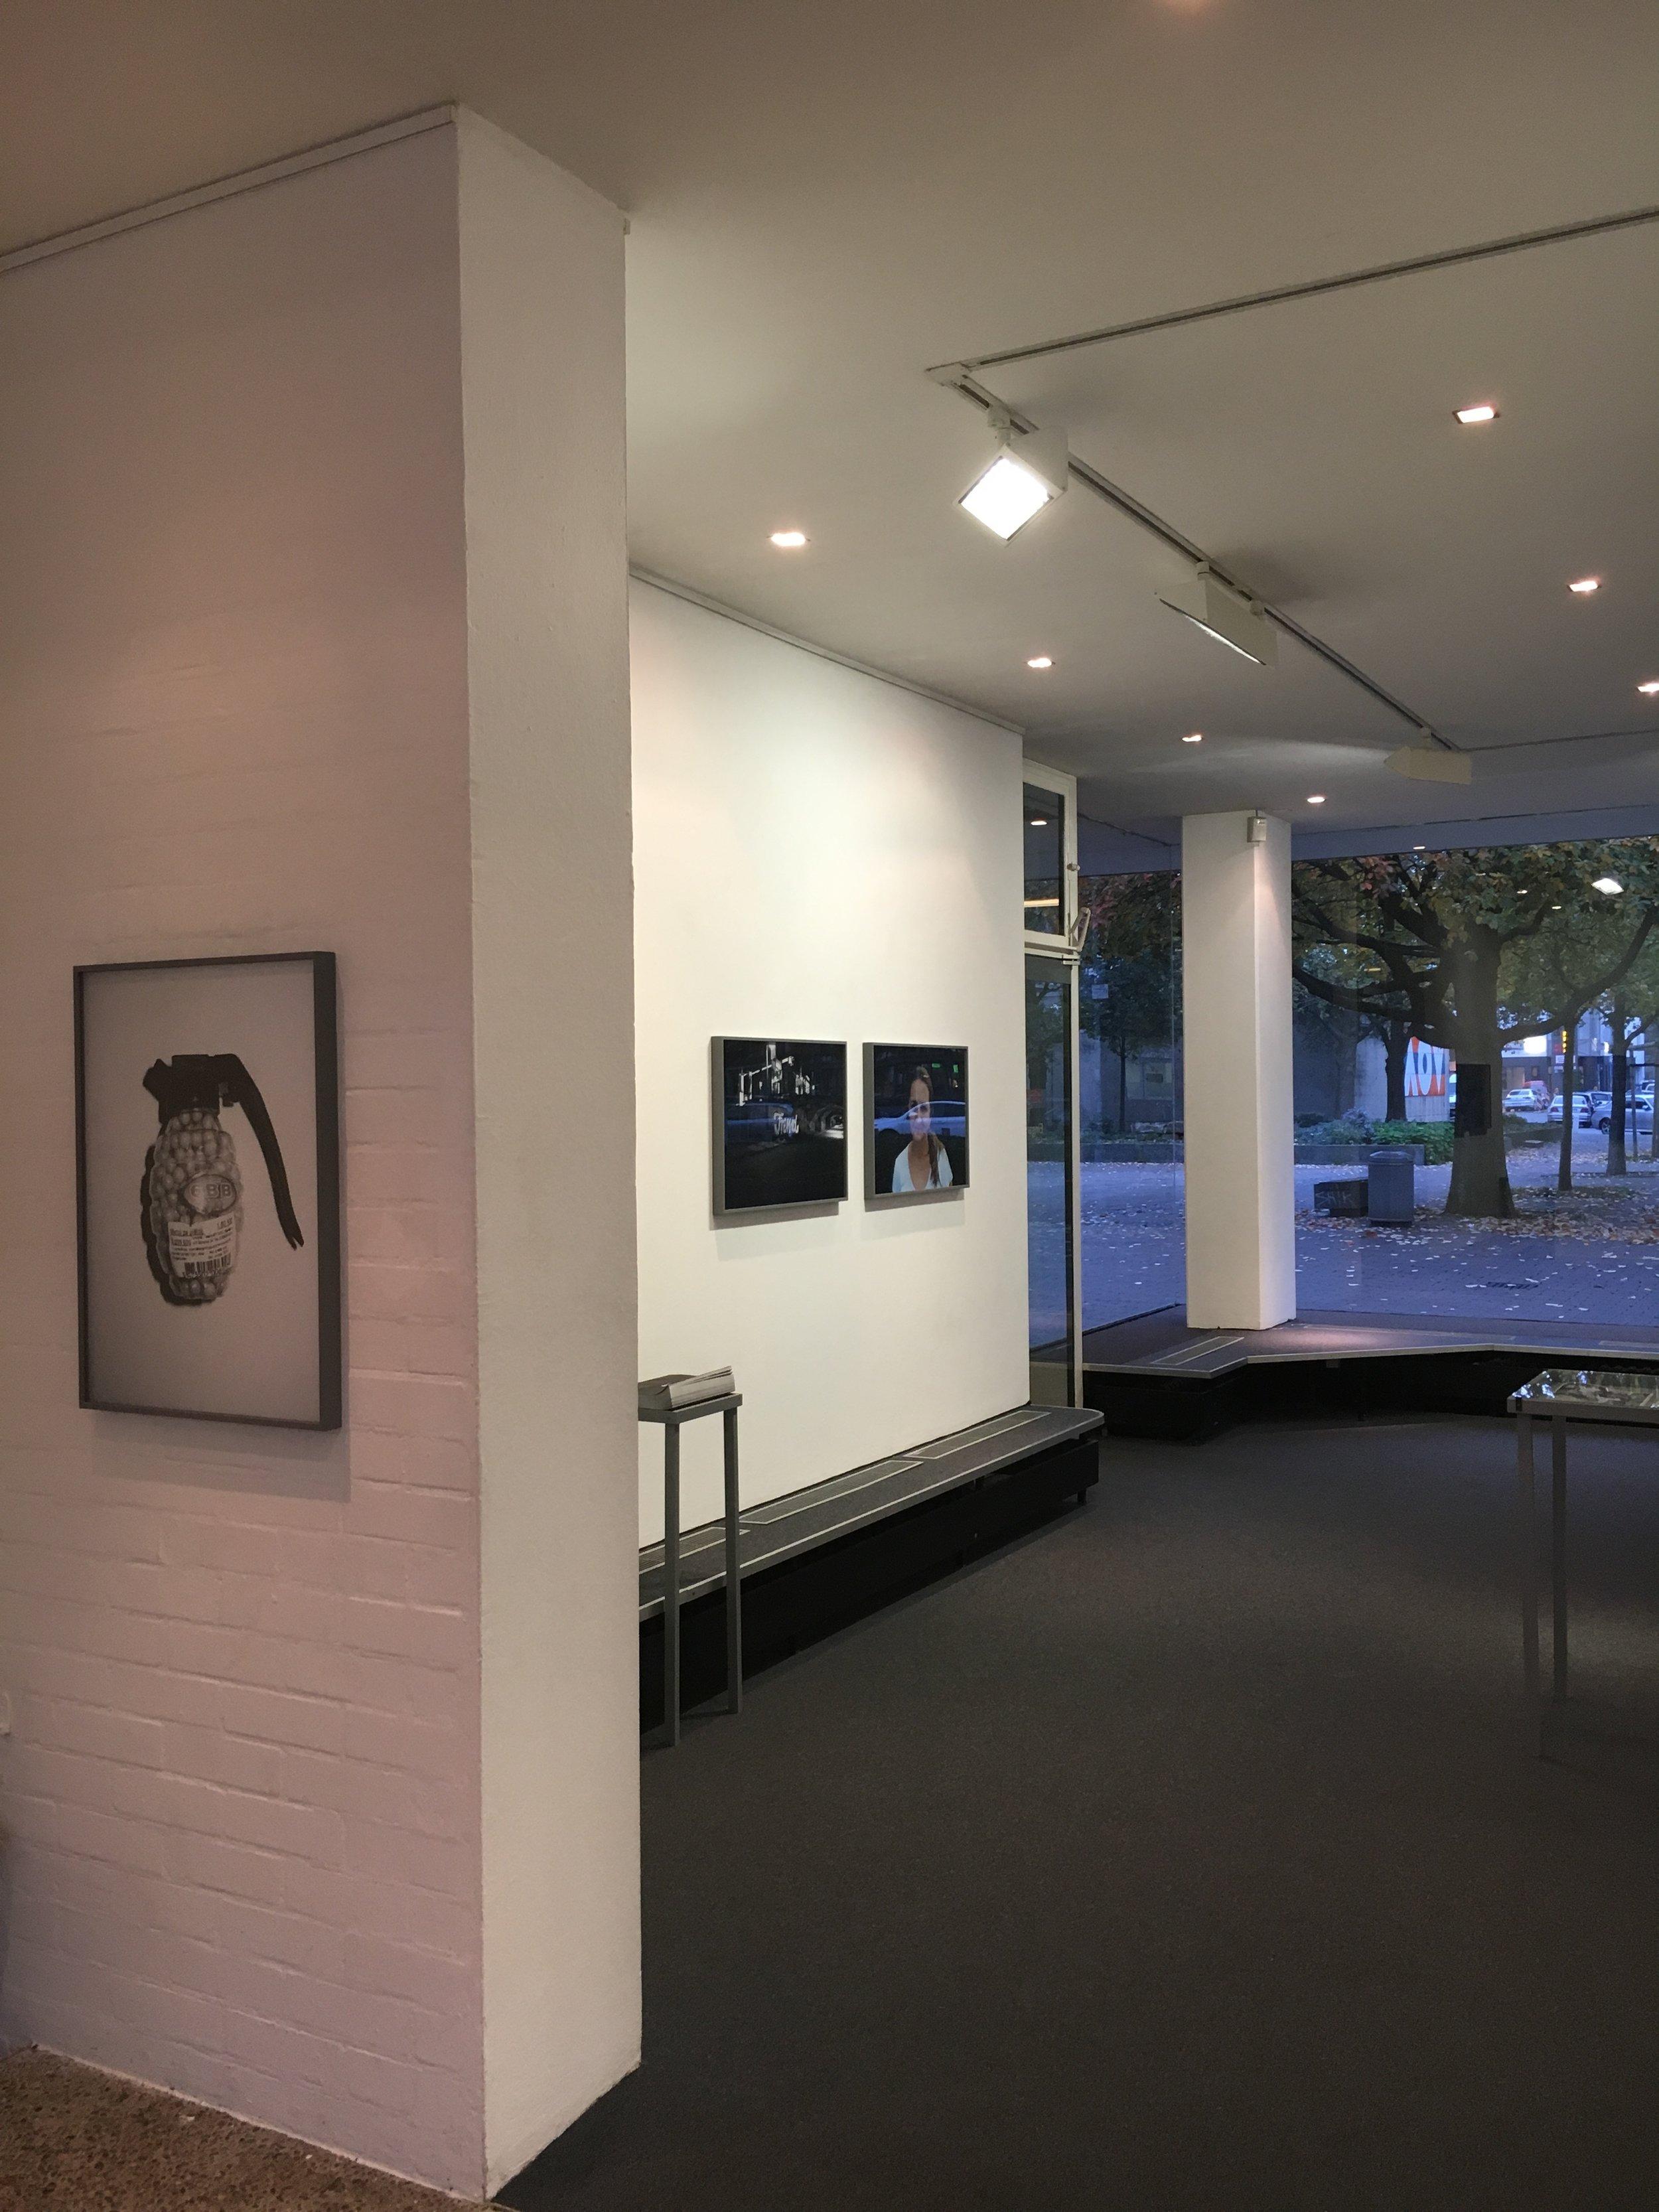 Katja Stuke&Oliver Sieber, Galerie vom Zufall und vom Glück